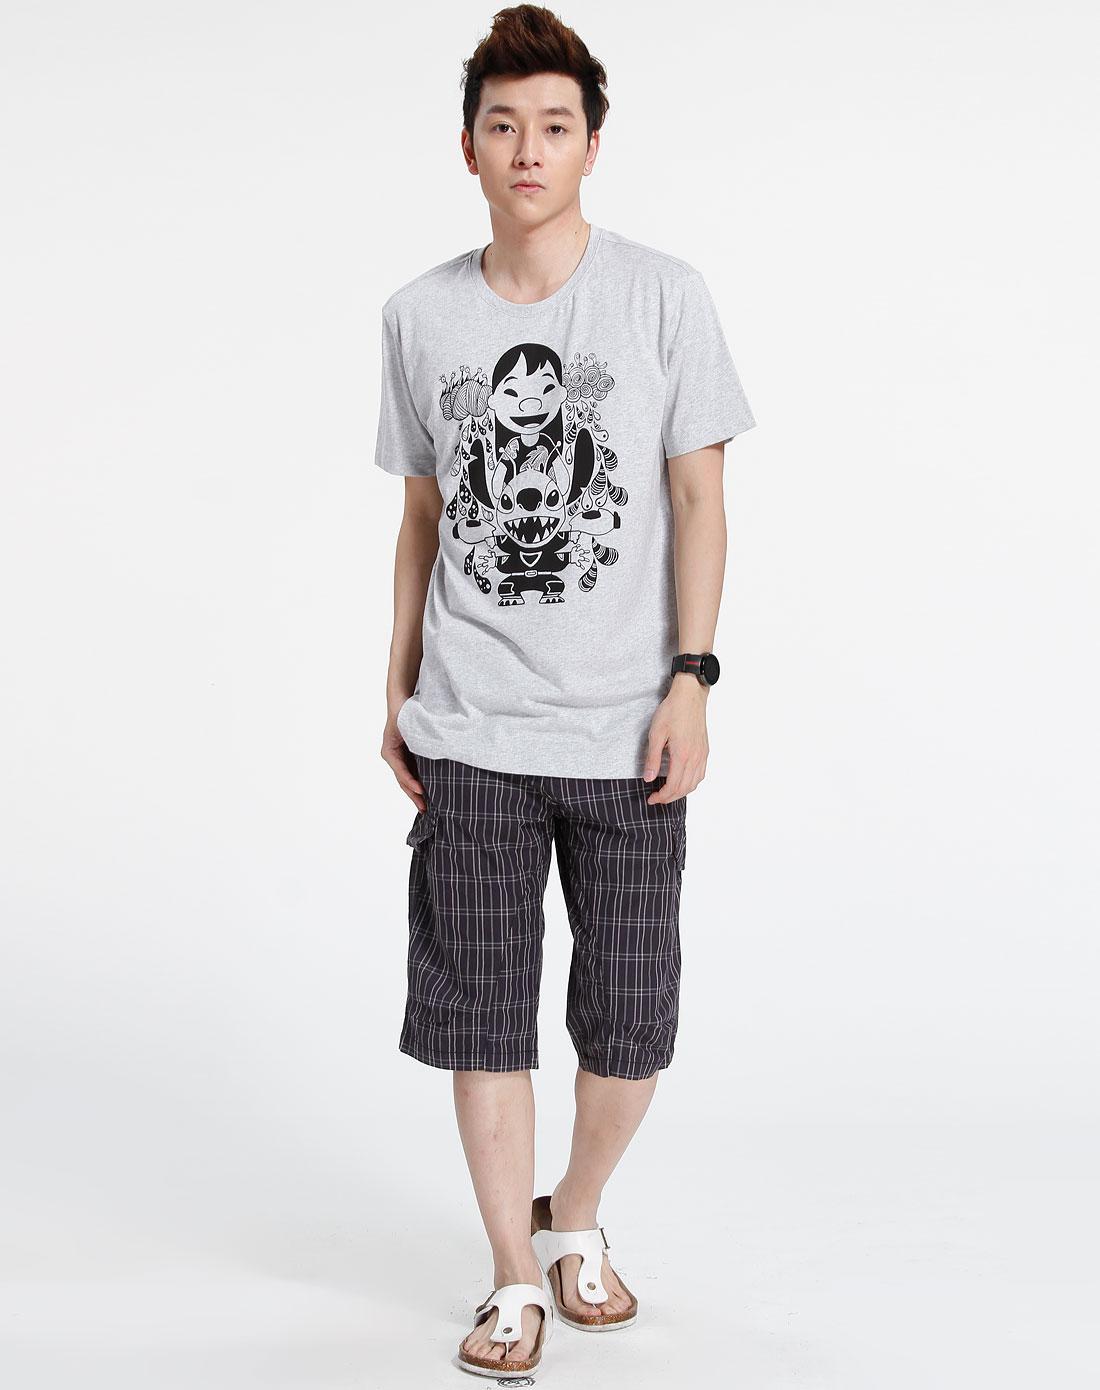 森马-男装灰色时尚短袖t恤002151027-019图片